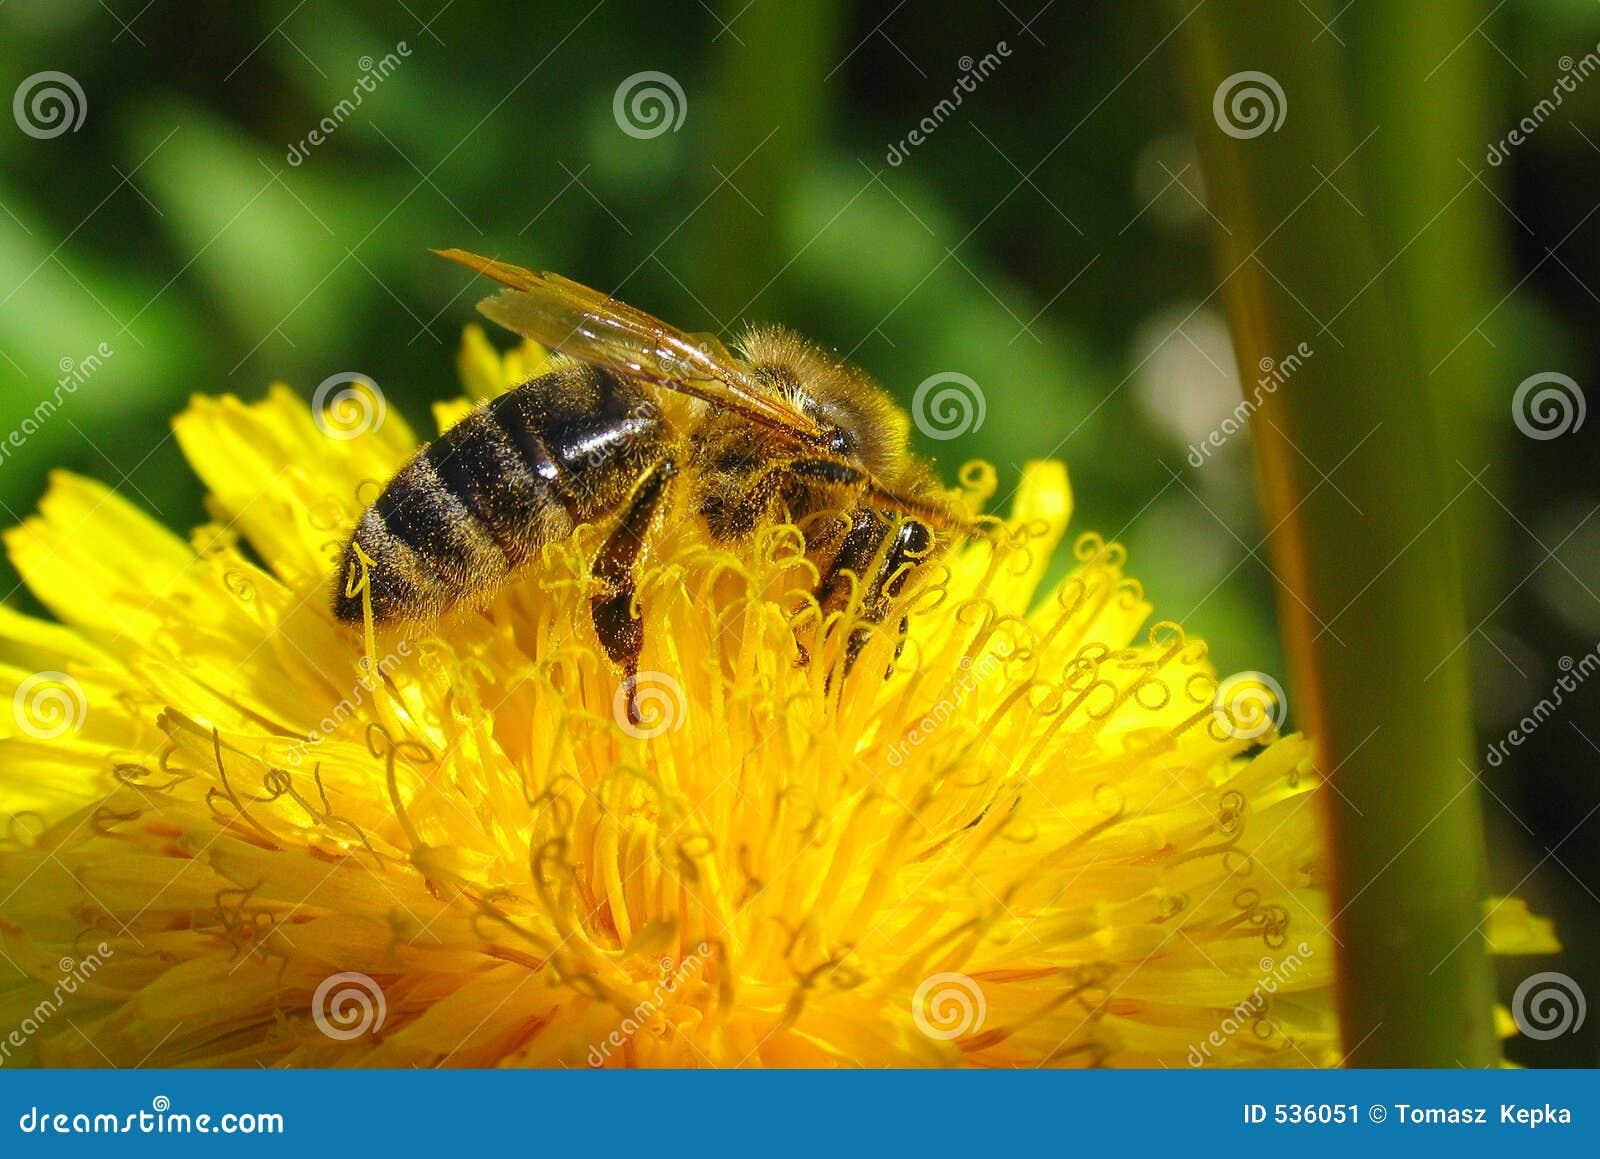 Download 草甸 库存图片. 图片 包括有 本质, 寻呼机, 草甸, 昆虫, 蜂蜜, 夏天, 花蜜 - 536051